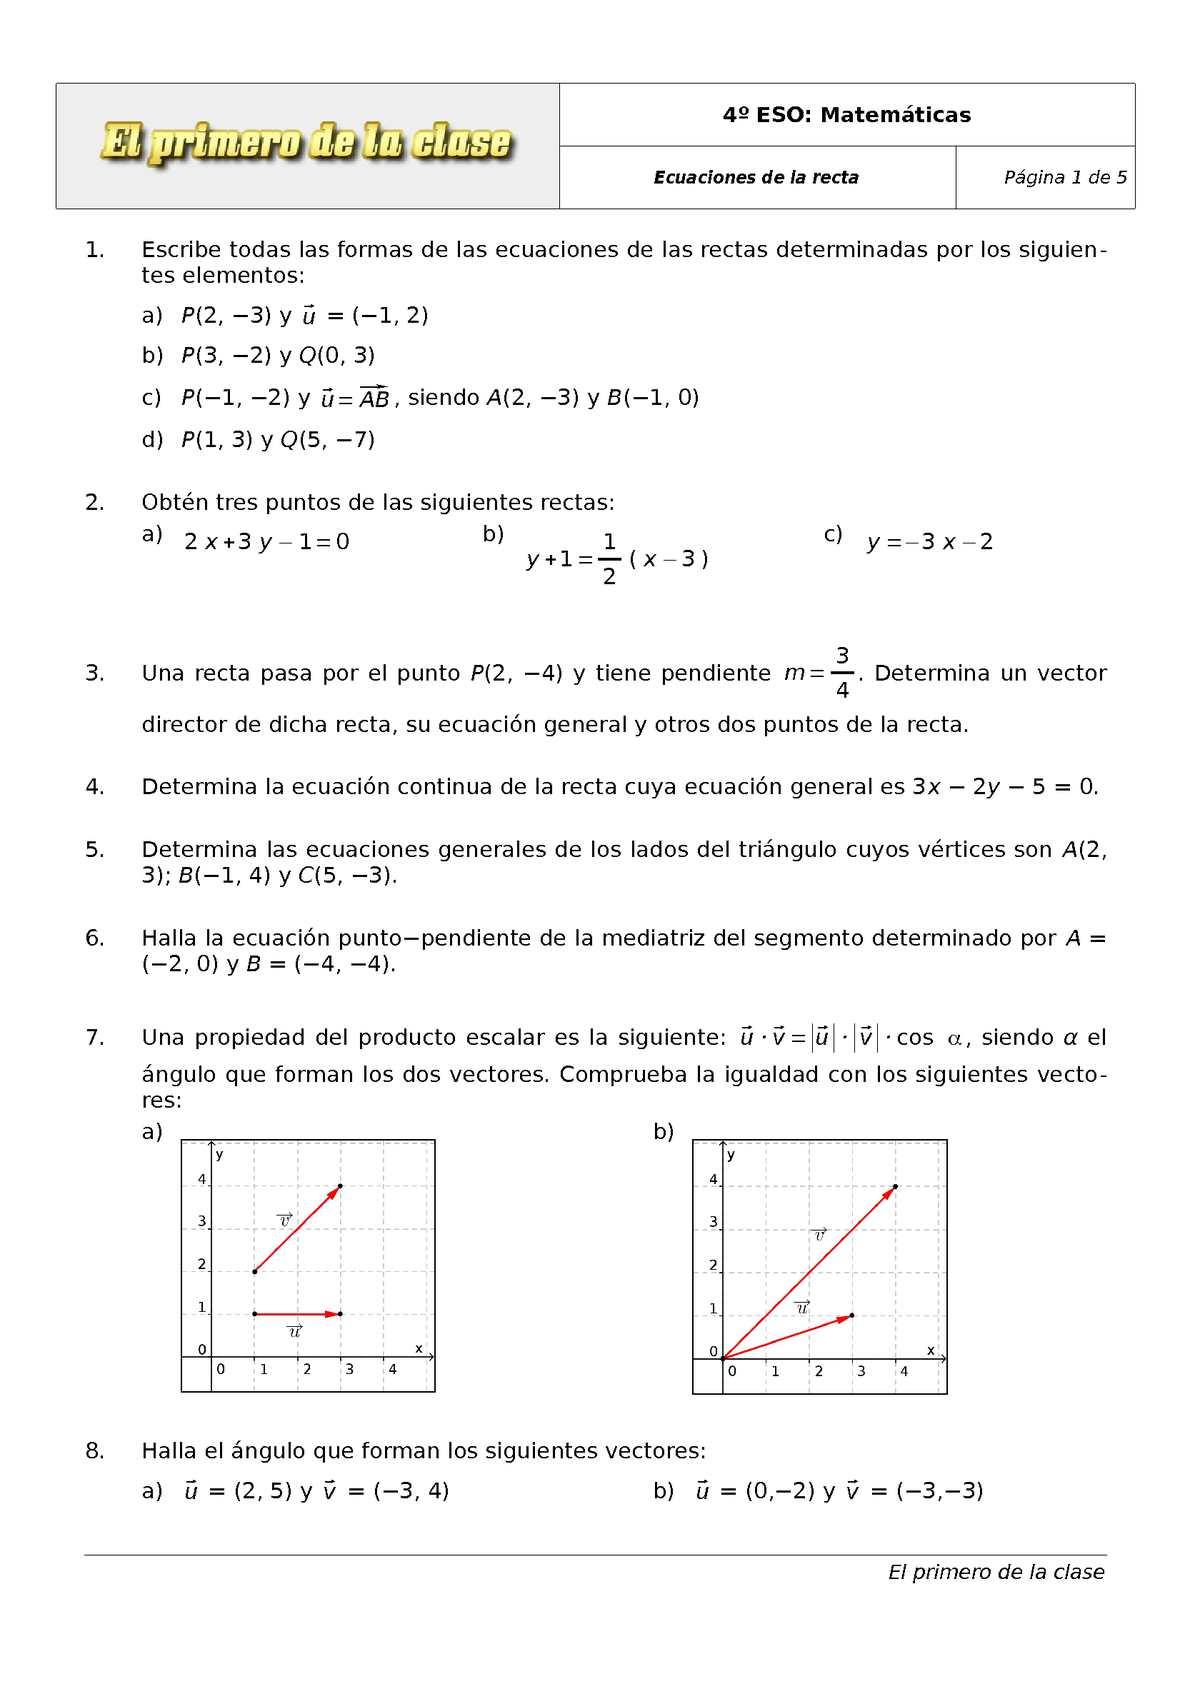 Calaméo - 4 ESO. Ejercicios de Matemáticas: ecuaciones de la recta II